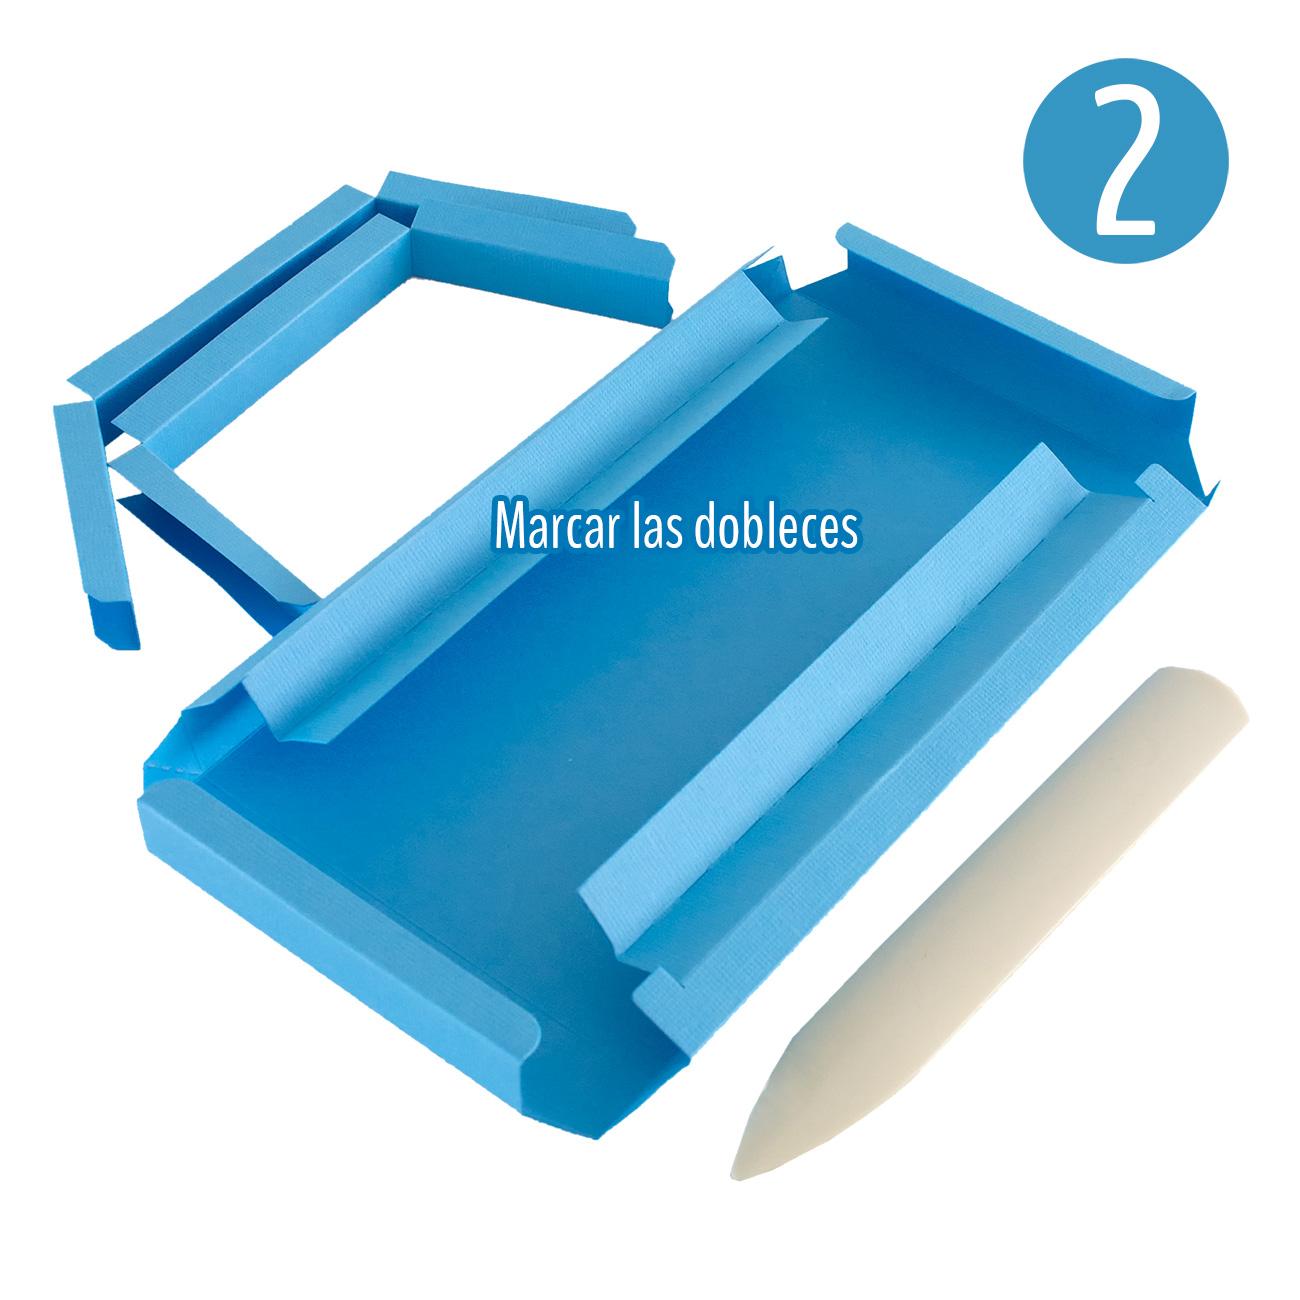 Imagen de producto: https://tienda.postreadiccion.com/img/articulos/secundarias13649-caja-de-carton-rosa-bebe-7.jpg